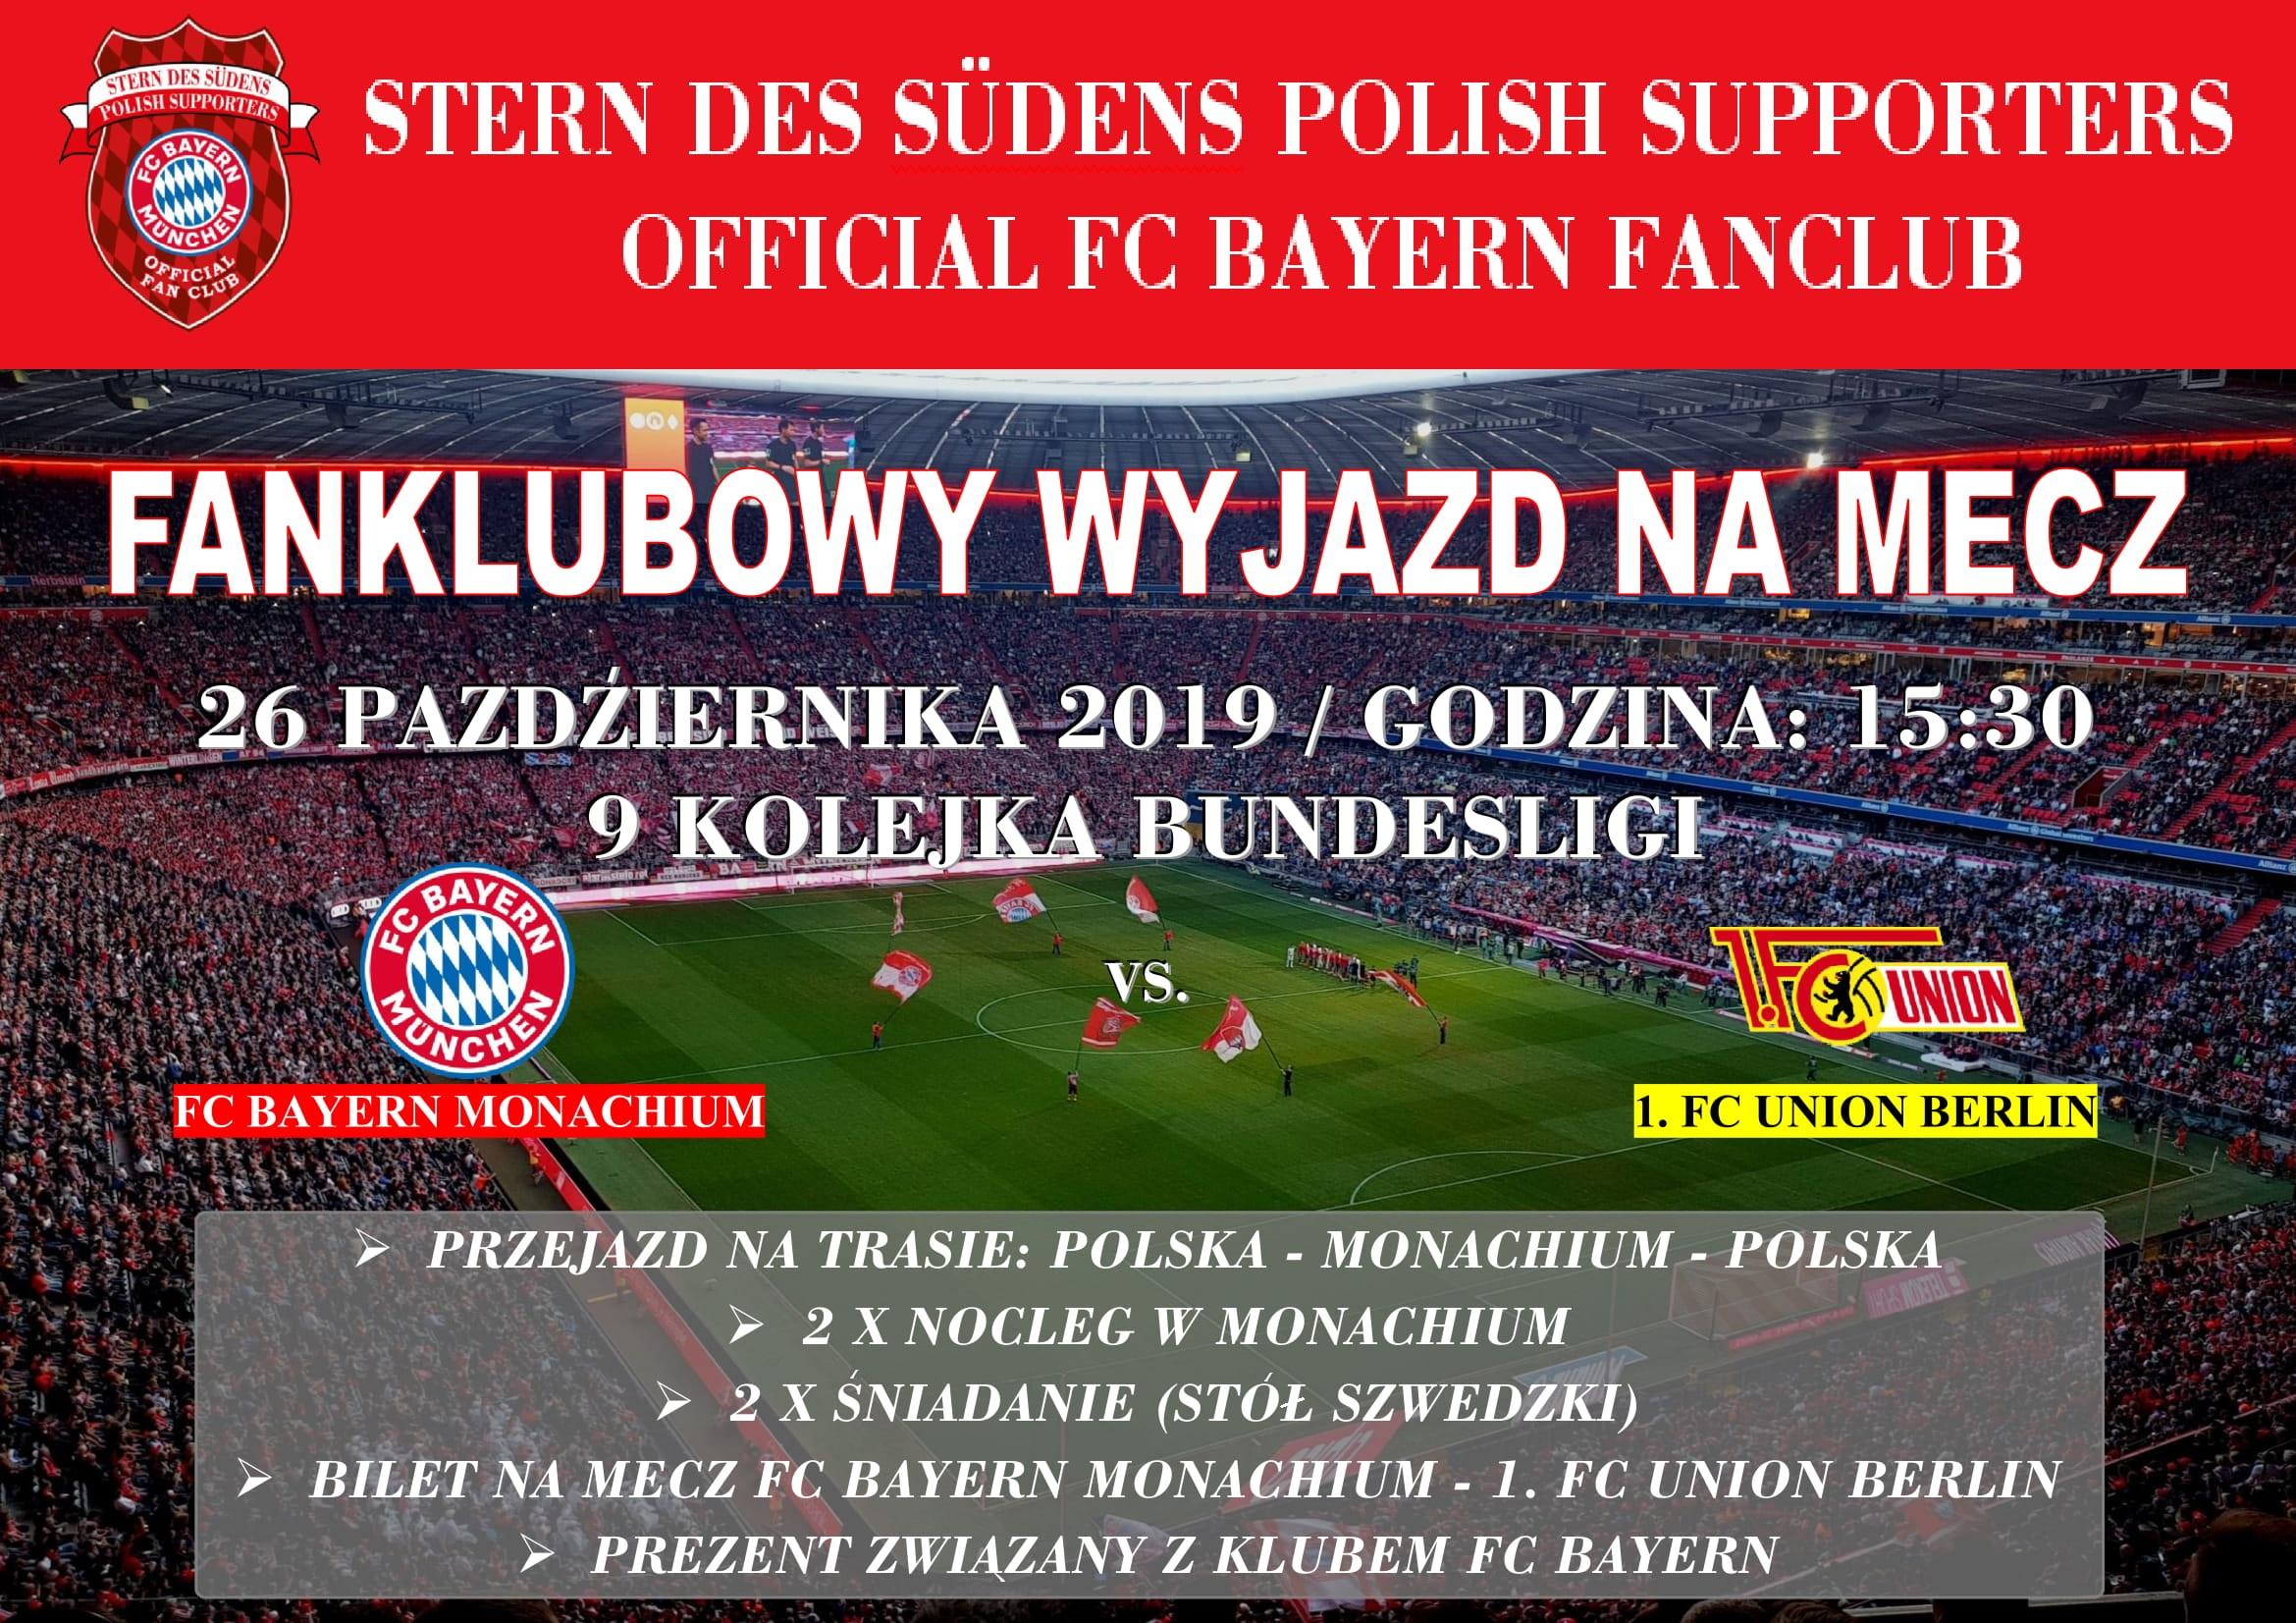 26.10.2019 Zapraszamy do udziału w fanklubowym wyjeździe na mecz FC Bayern Monachium – 1. FC Union Berlin